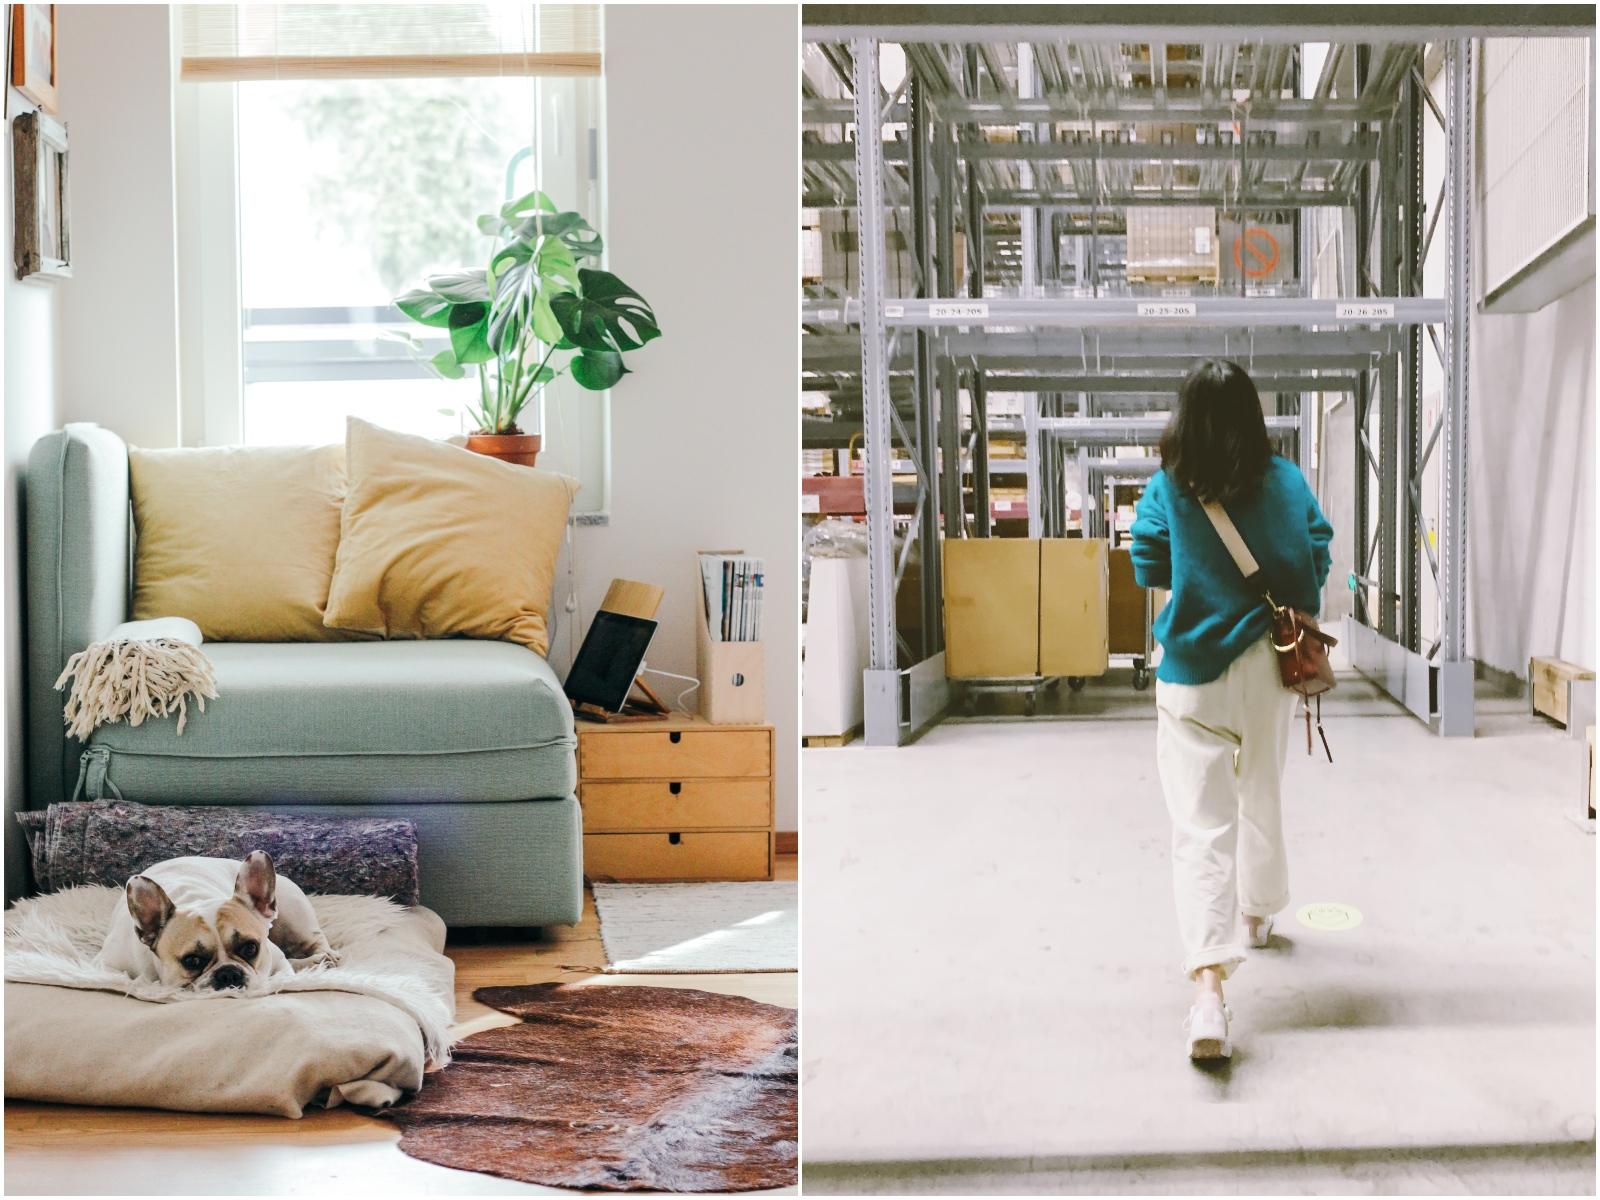 IKEA 收納怎麼買?推薦 3 款值得敗的經典收納系列 旋轉拍賣